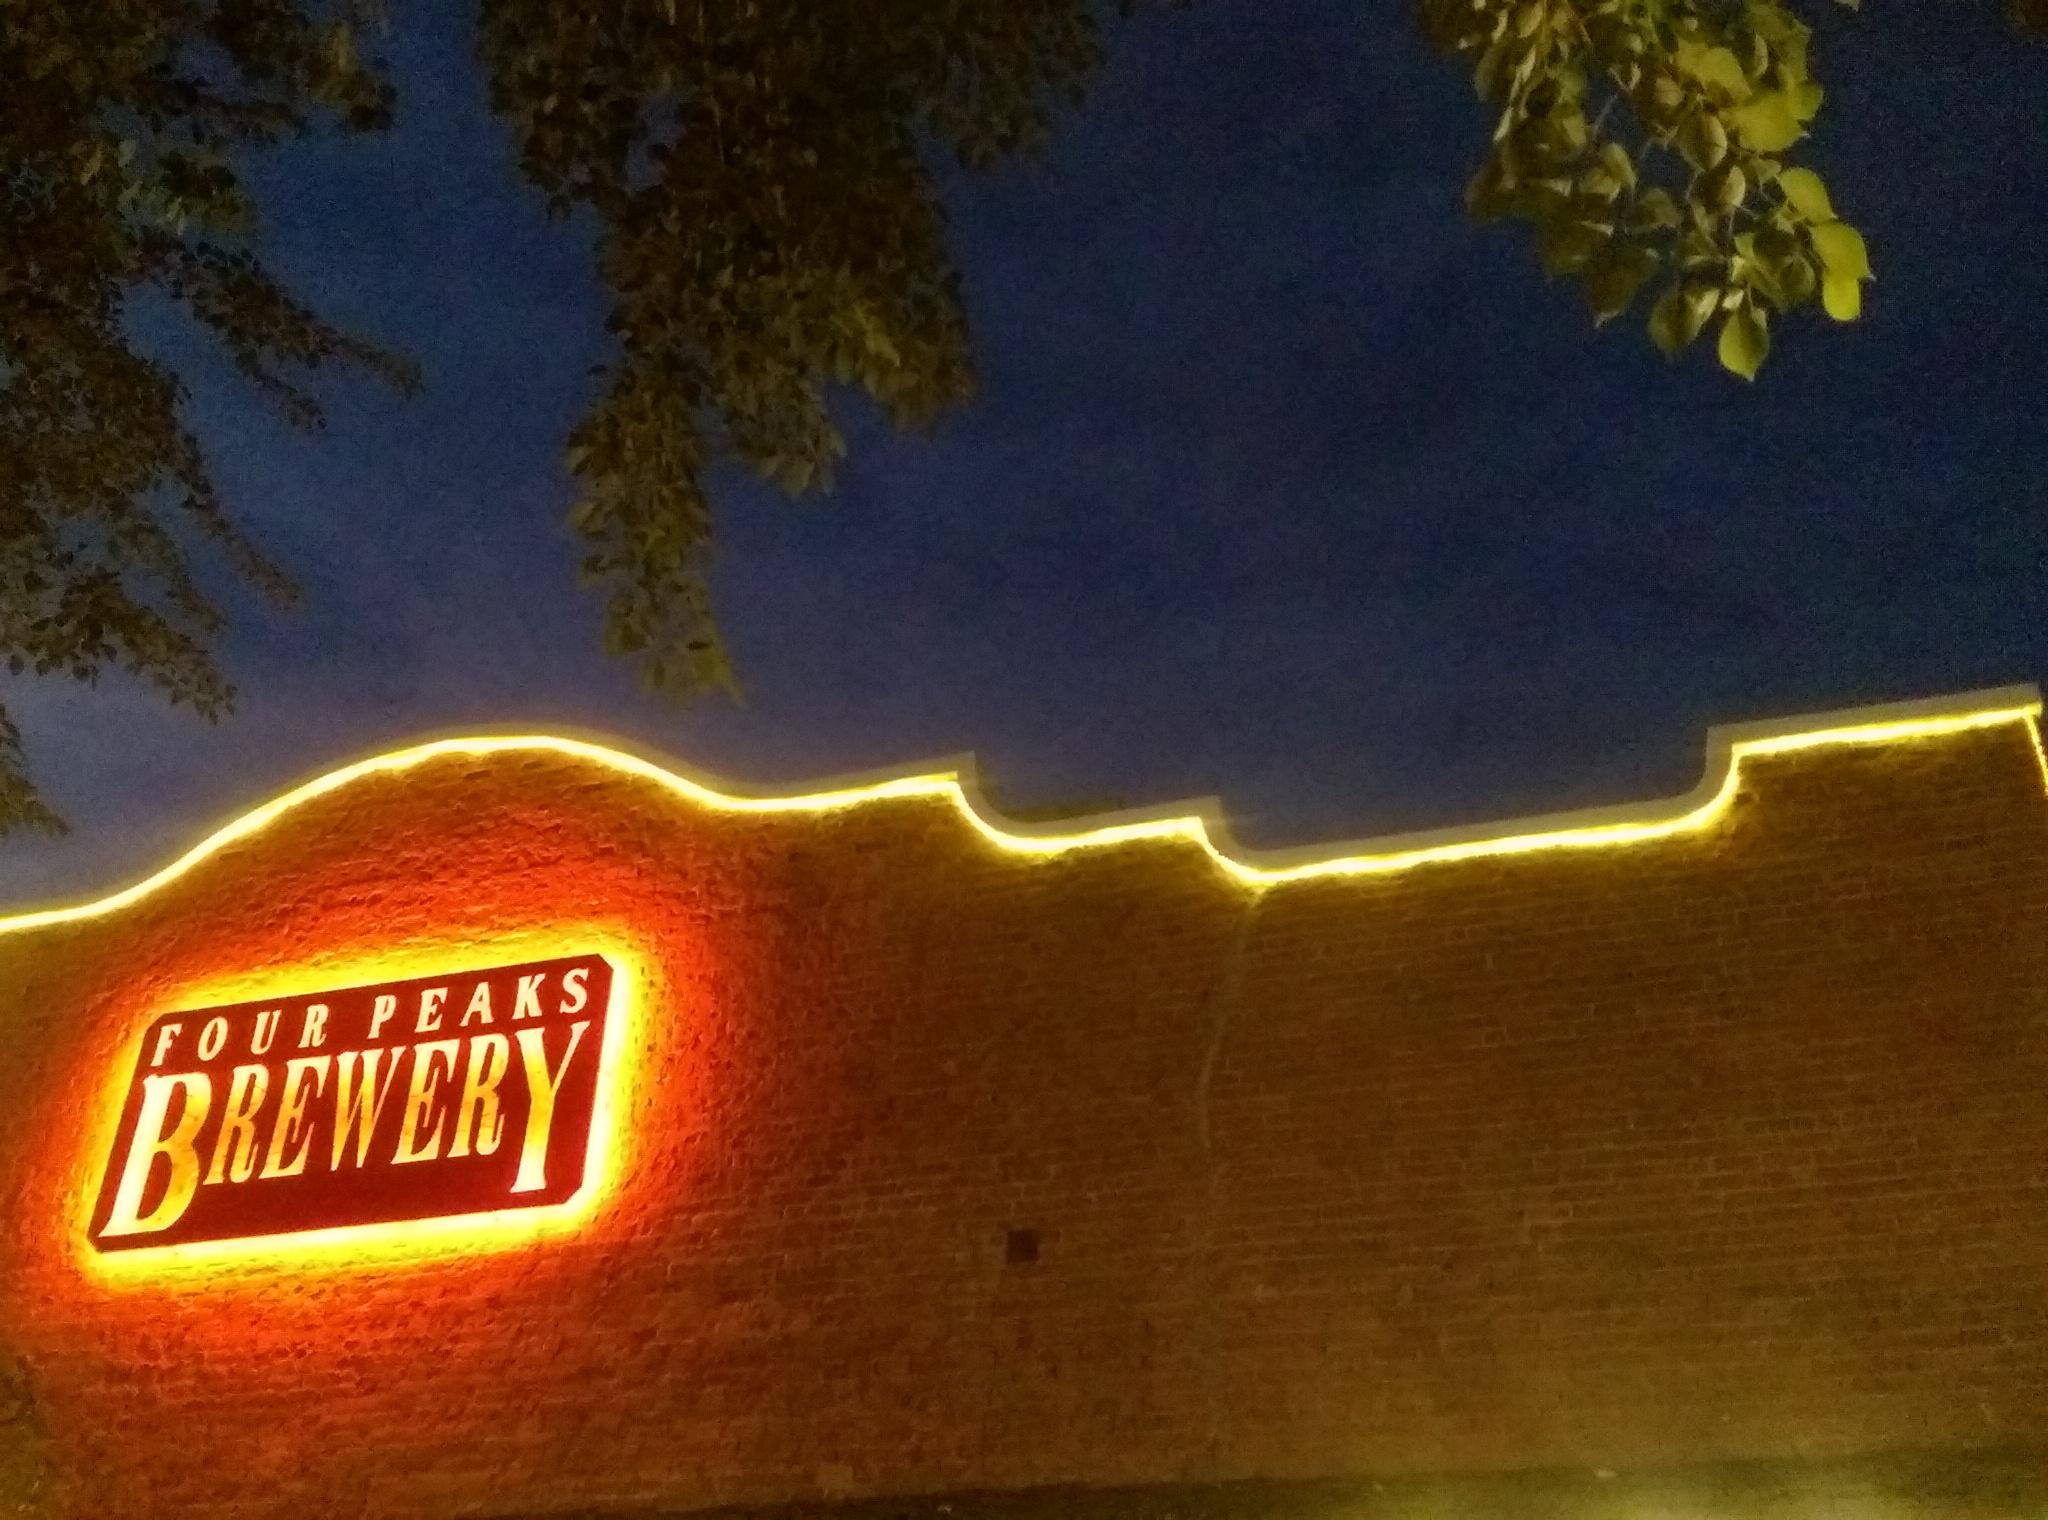 4 Four Peaks Brewery.jpg